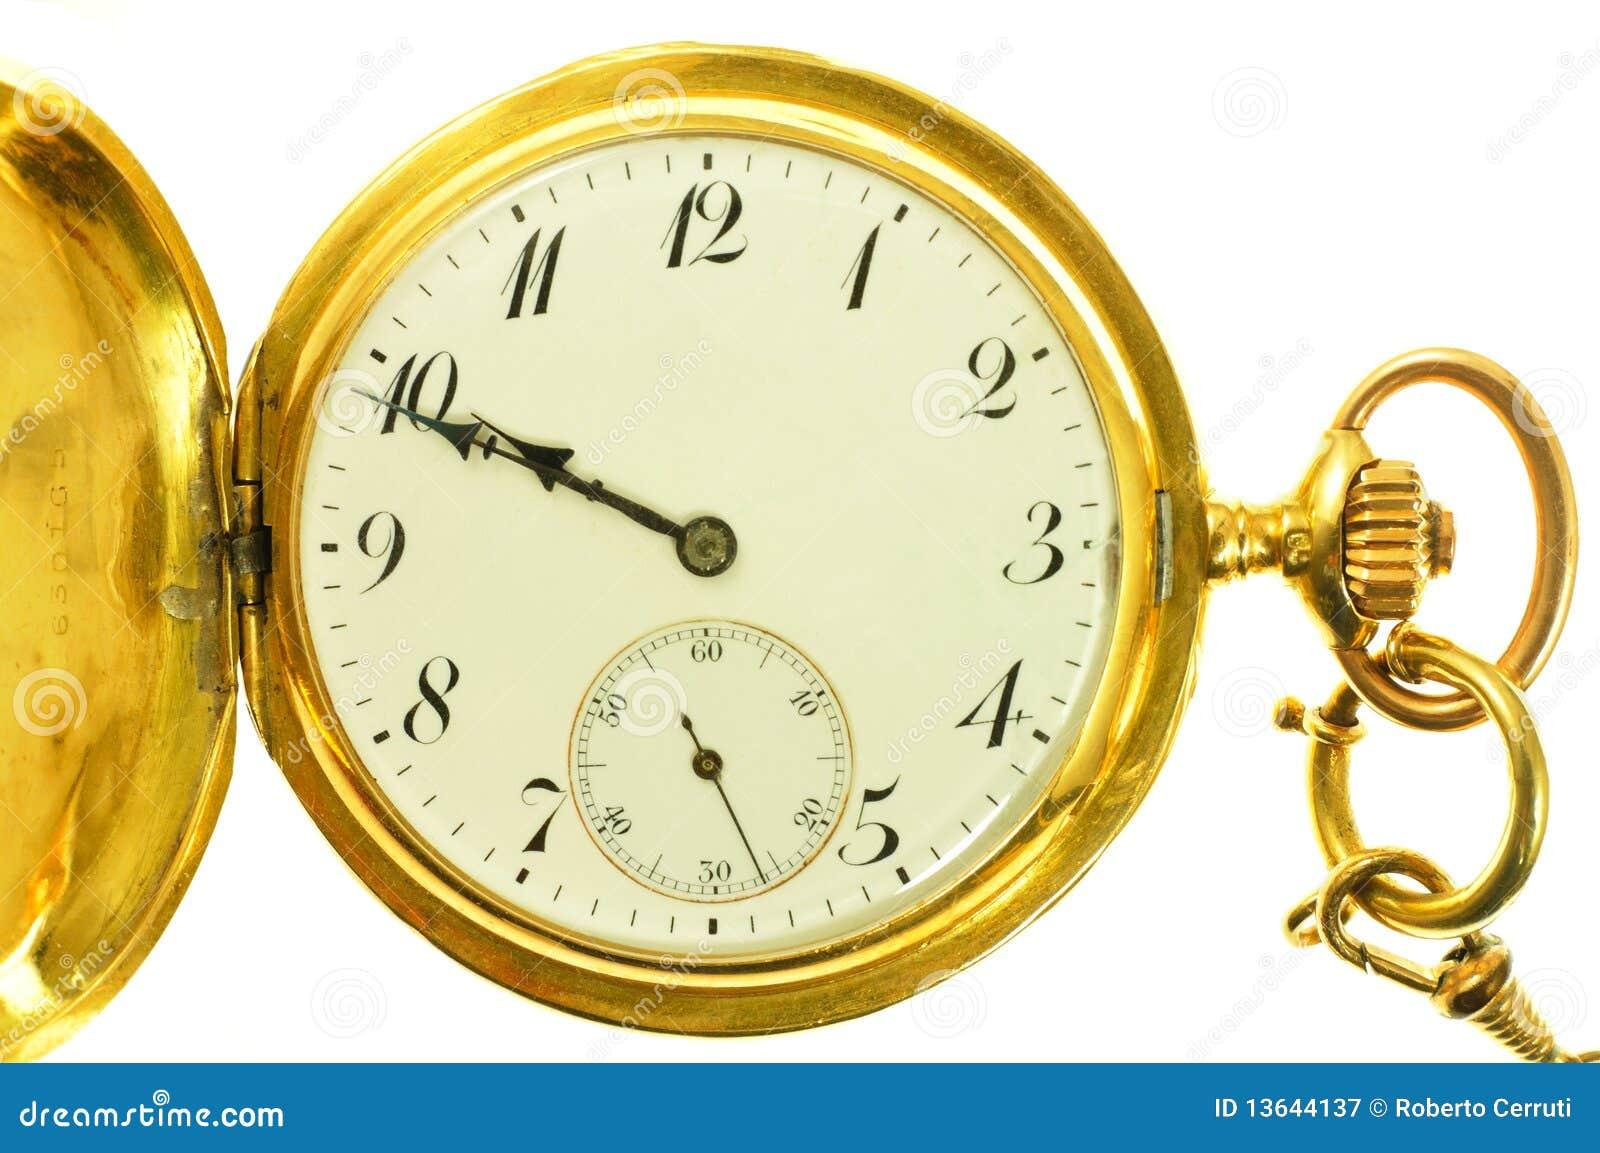 Old style gold pocket watch stock image image 13644137 - Relojes grandes de pared vintage ...